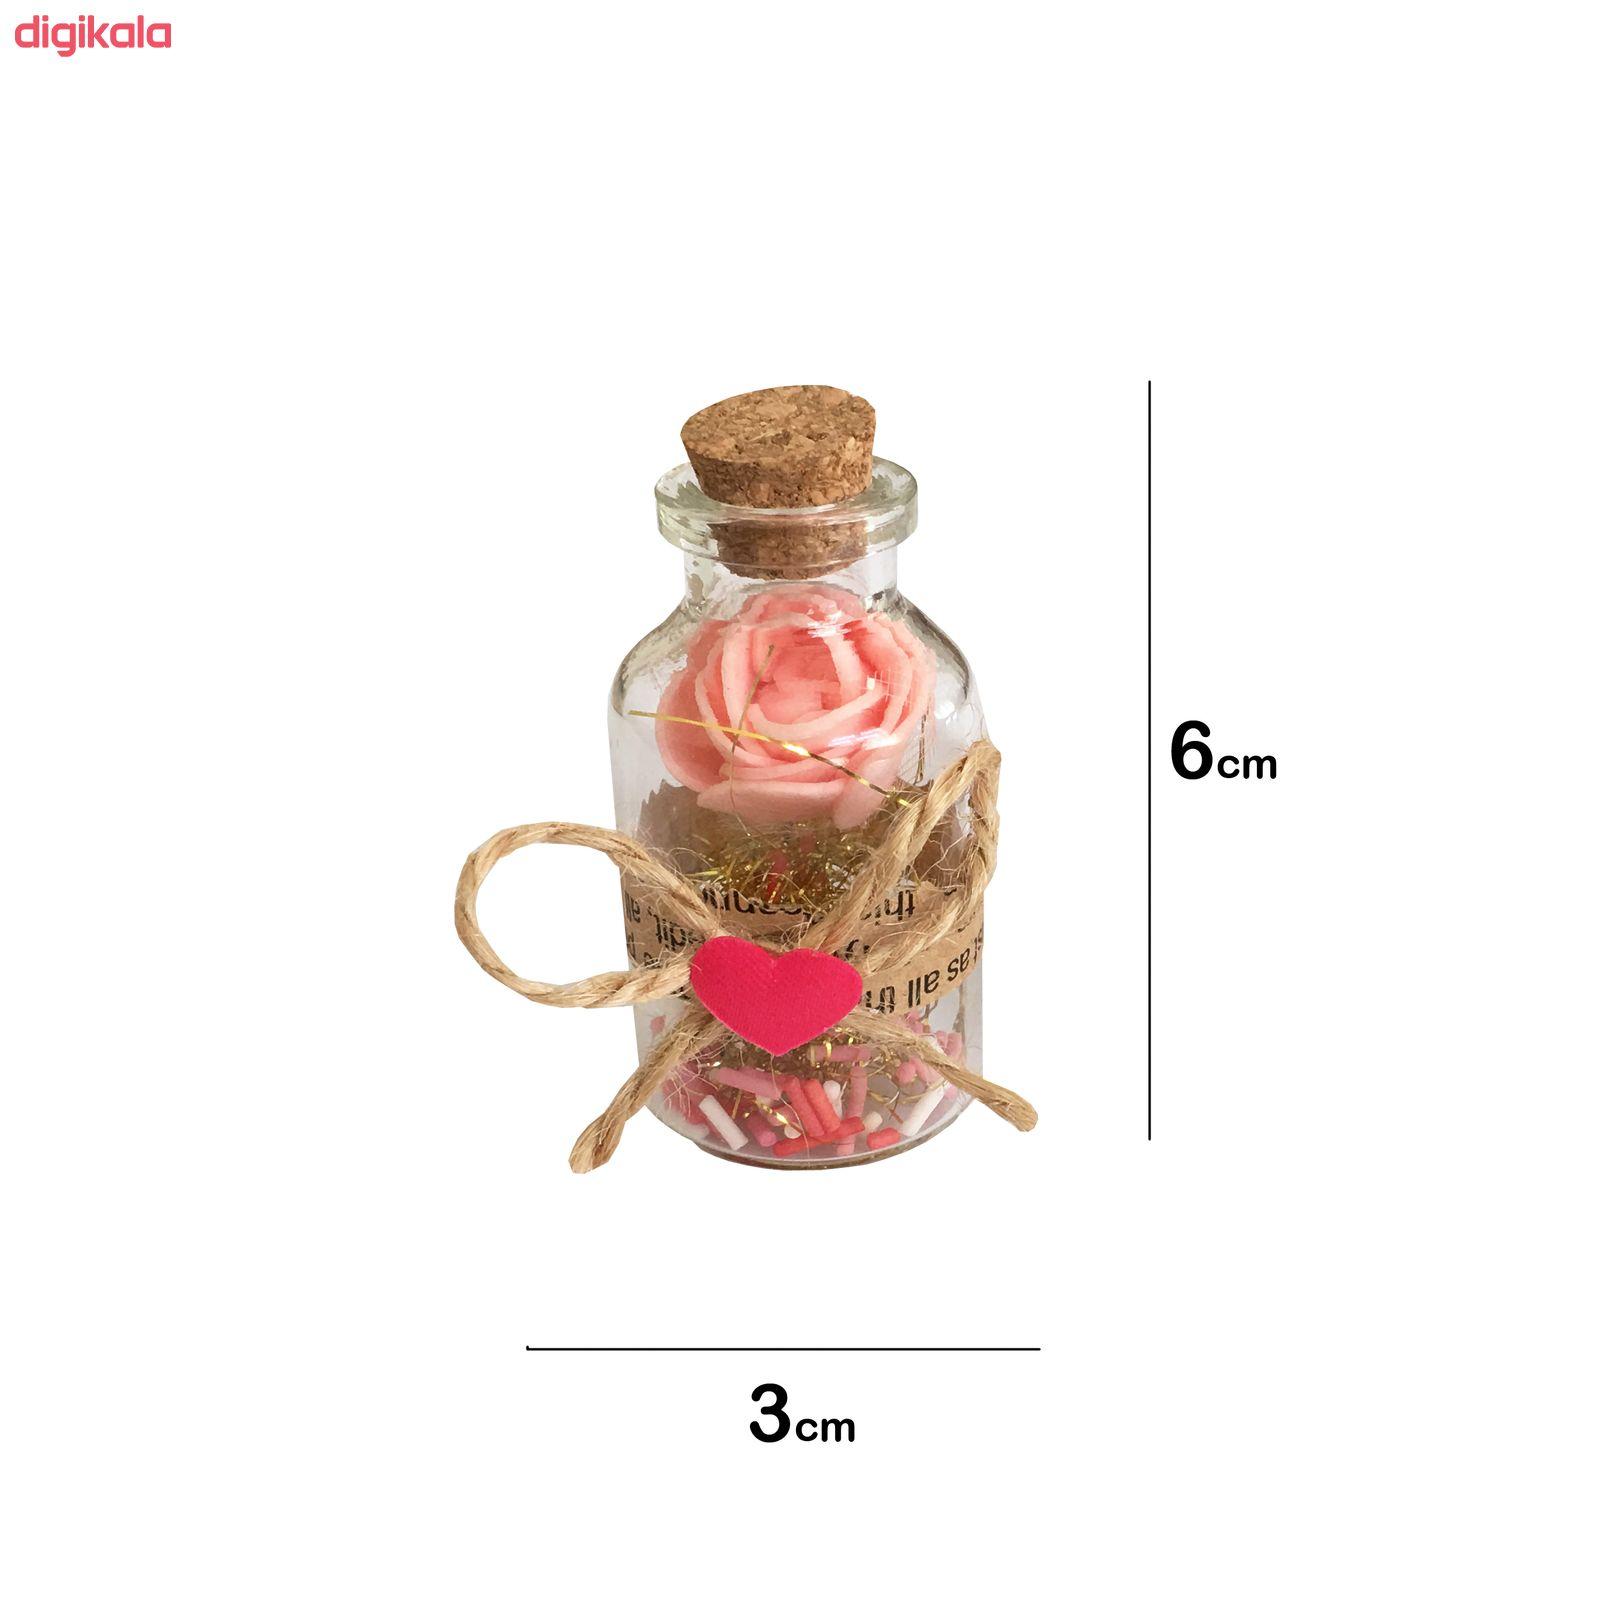 بطری دکوری طرح بطری عشق کد 01 مجموعه 3 عددی main 1 1